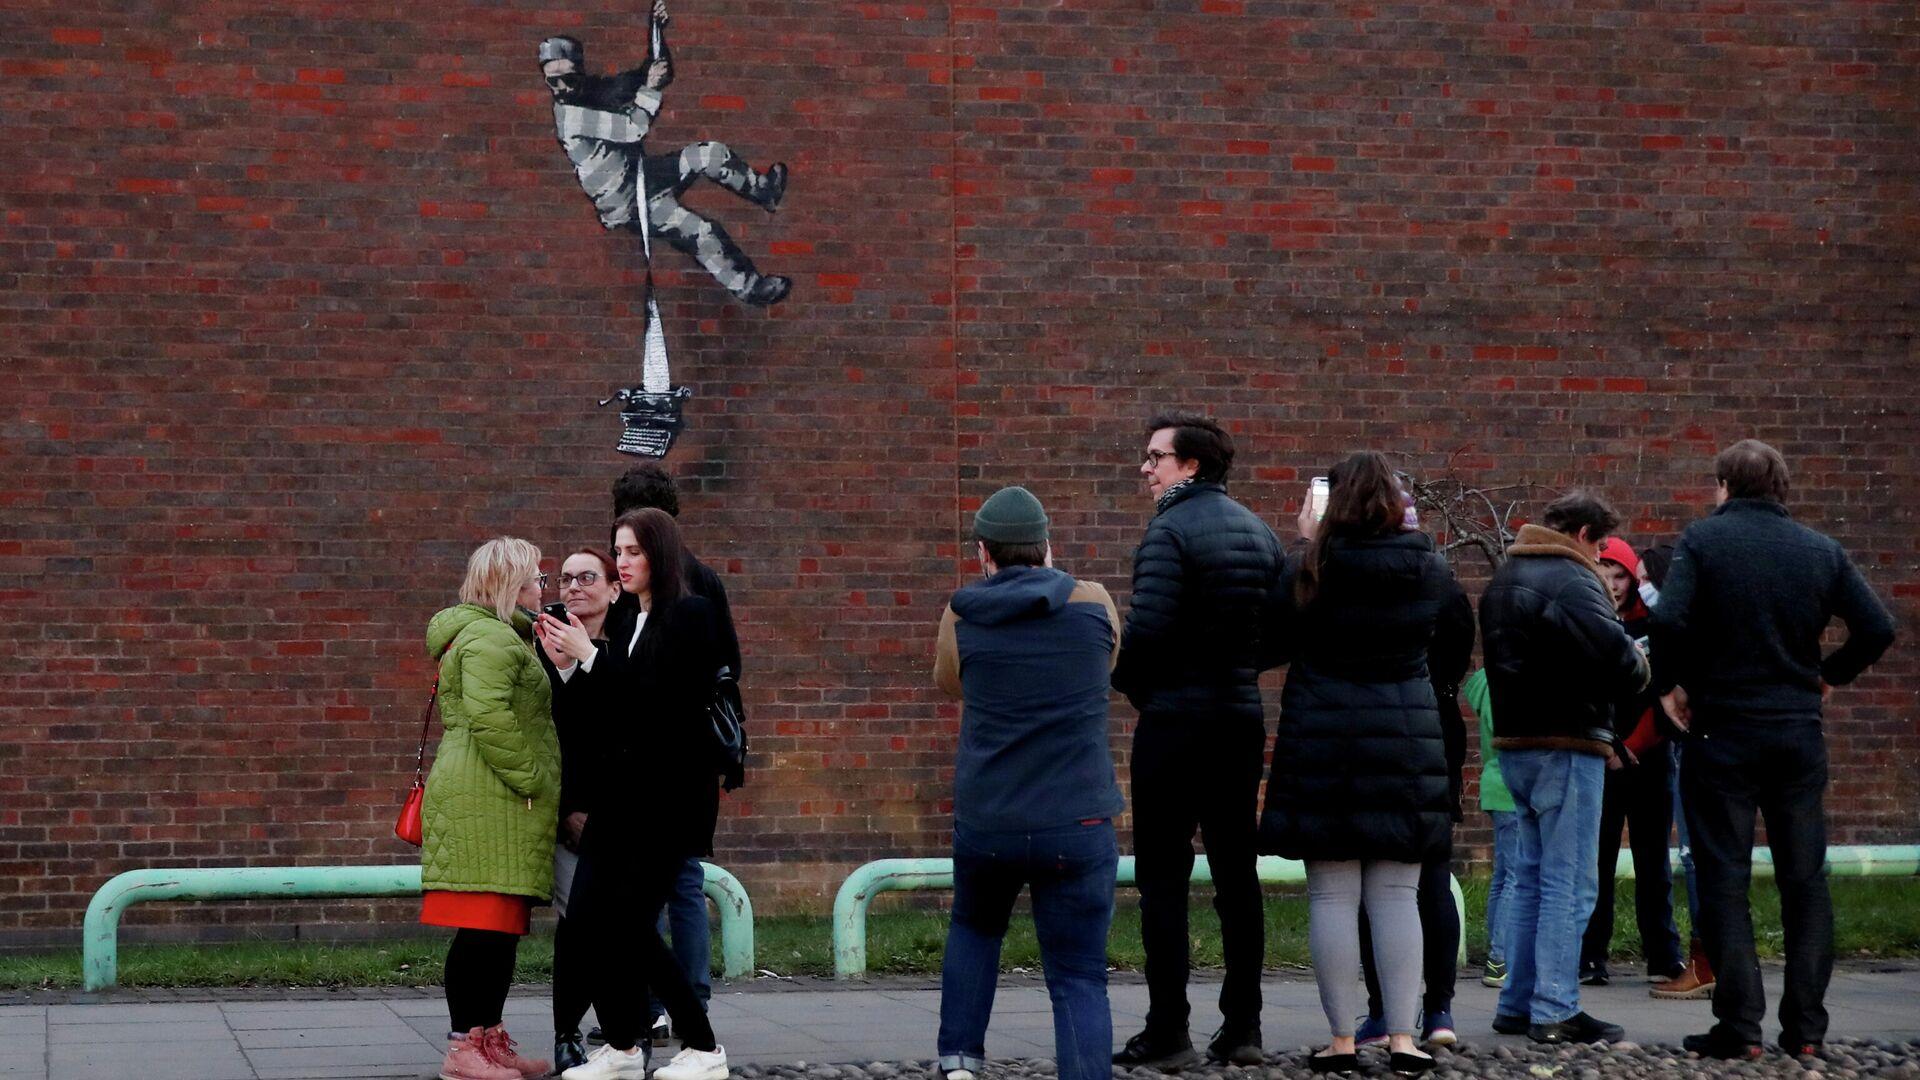 Граффити в стиле уличного художника Бэнкси появилось на стене тюрьмы в британском Рединге - РИА Новости, 1920, 16.03.2021